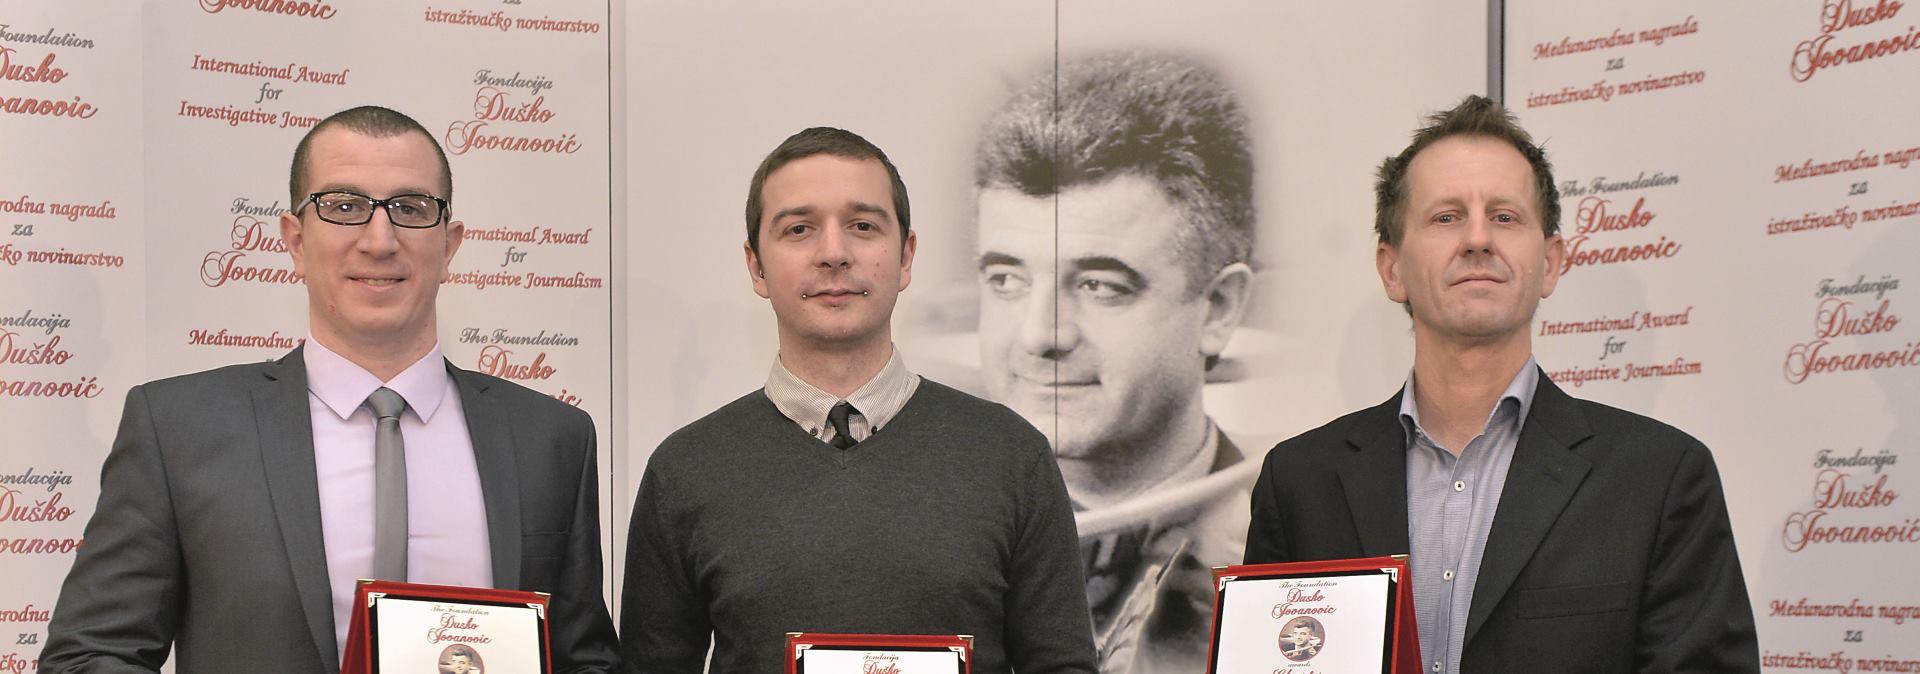 Južnoafričkim novinarima nagrada Fondacije 'Duško Jovanović'